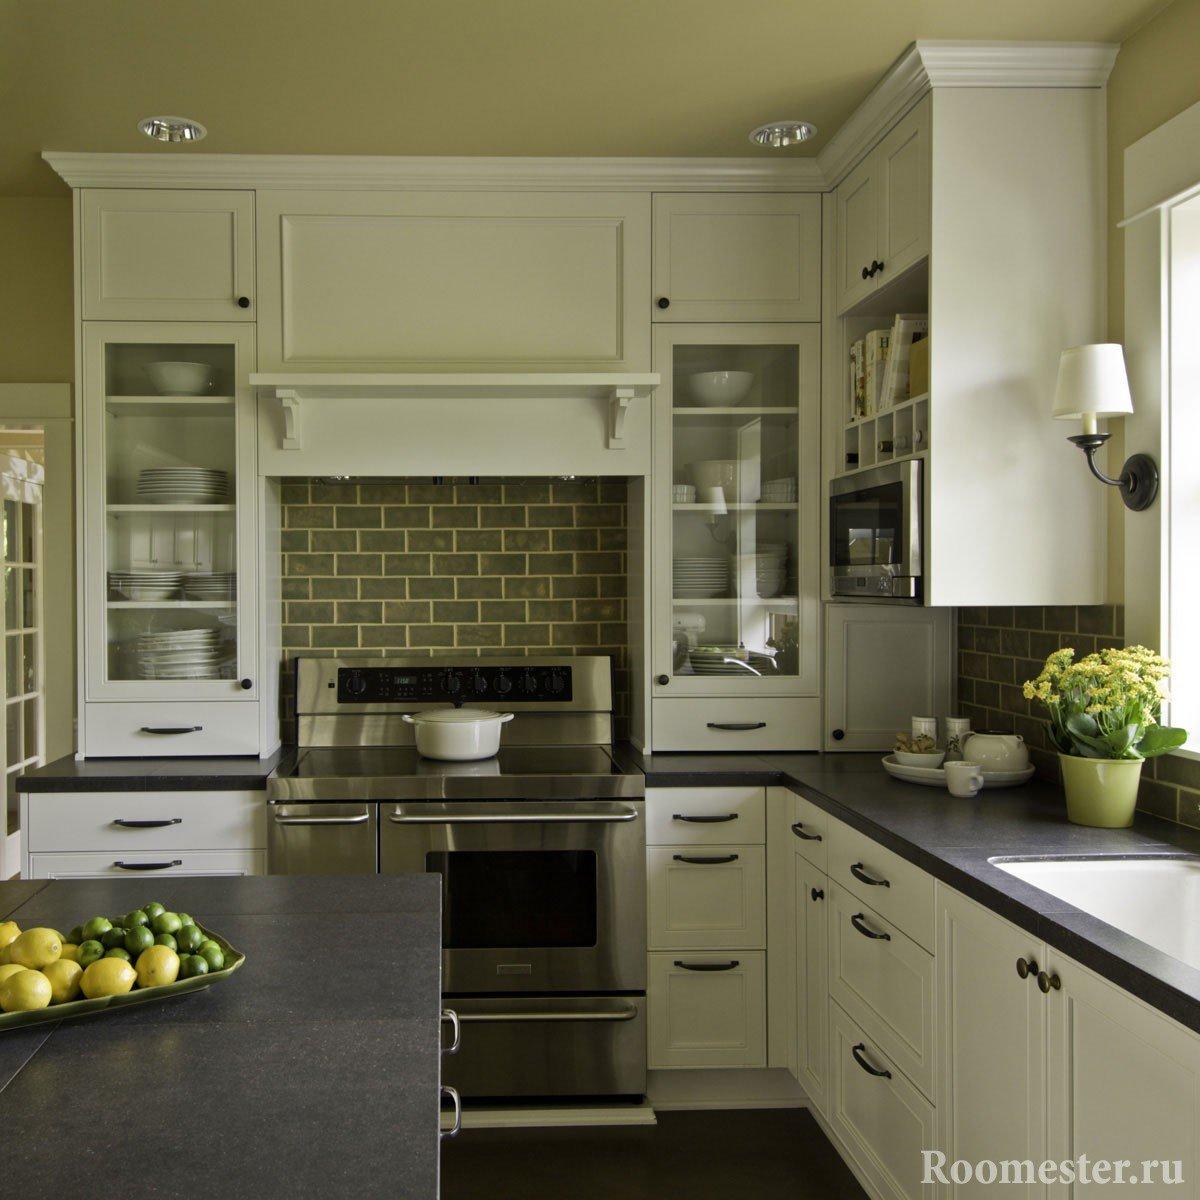 Kjøkken med tak i olivenfarge